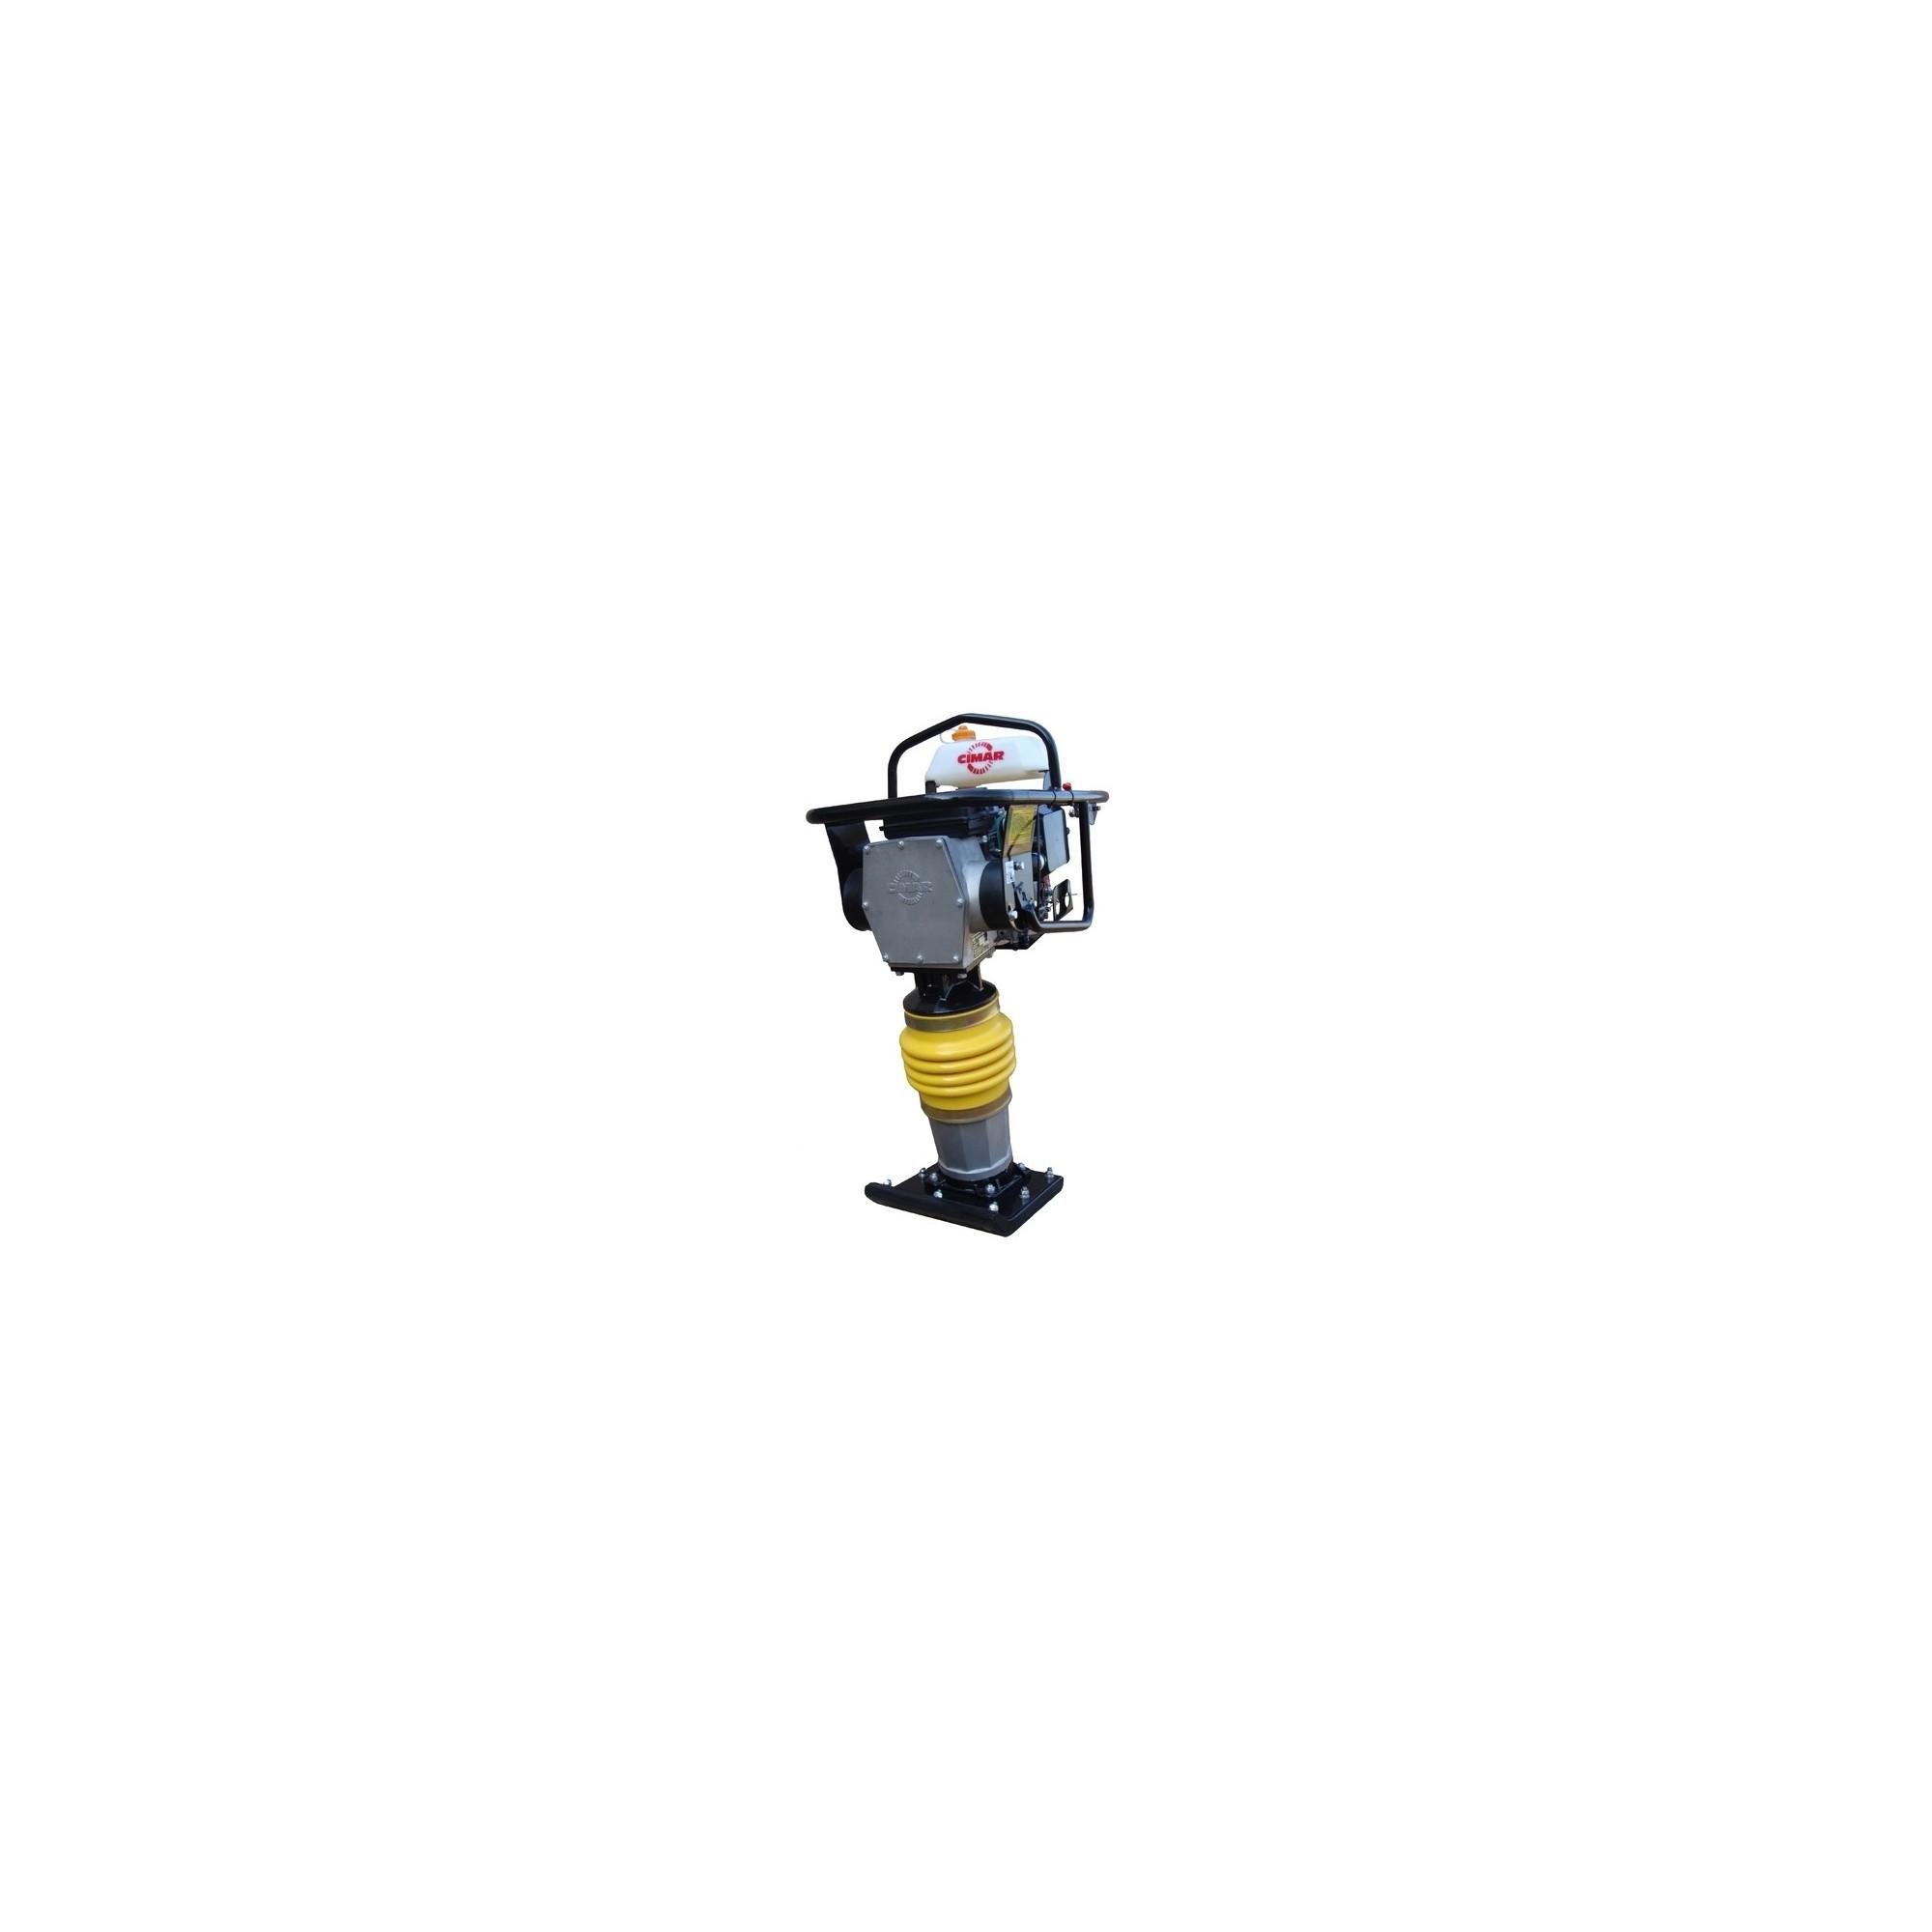 PISON COMPACTADOR ITCPOWER-HYUNDAI CT78D